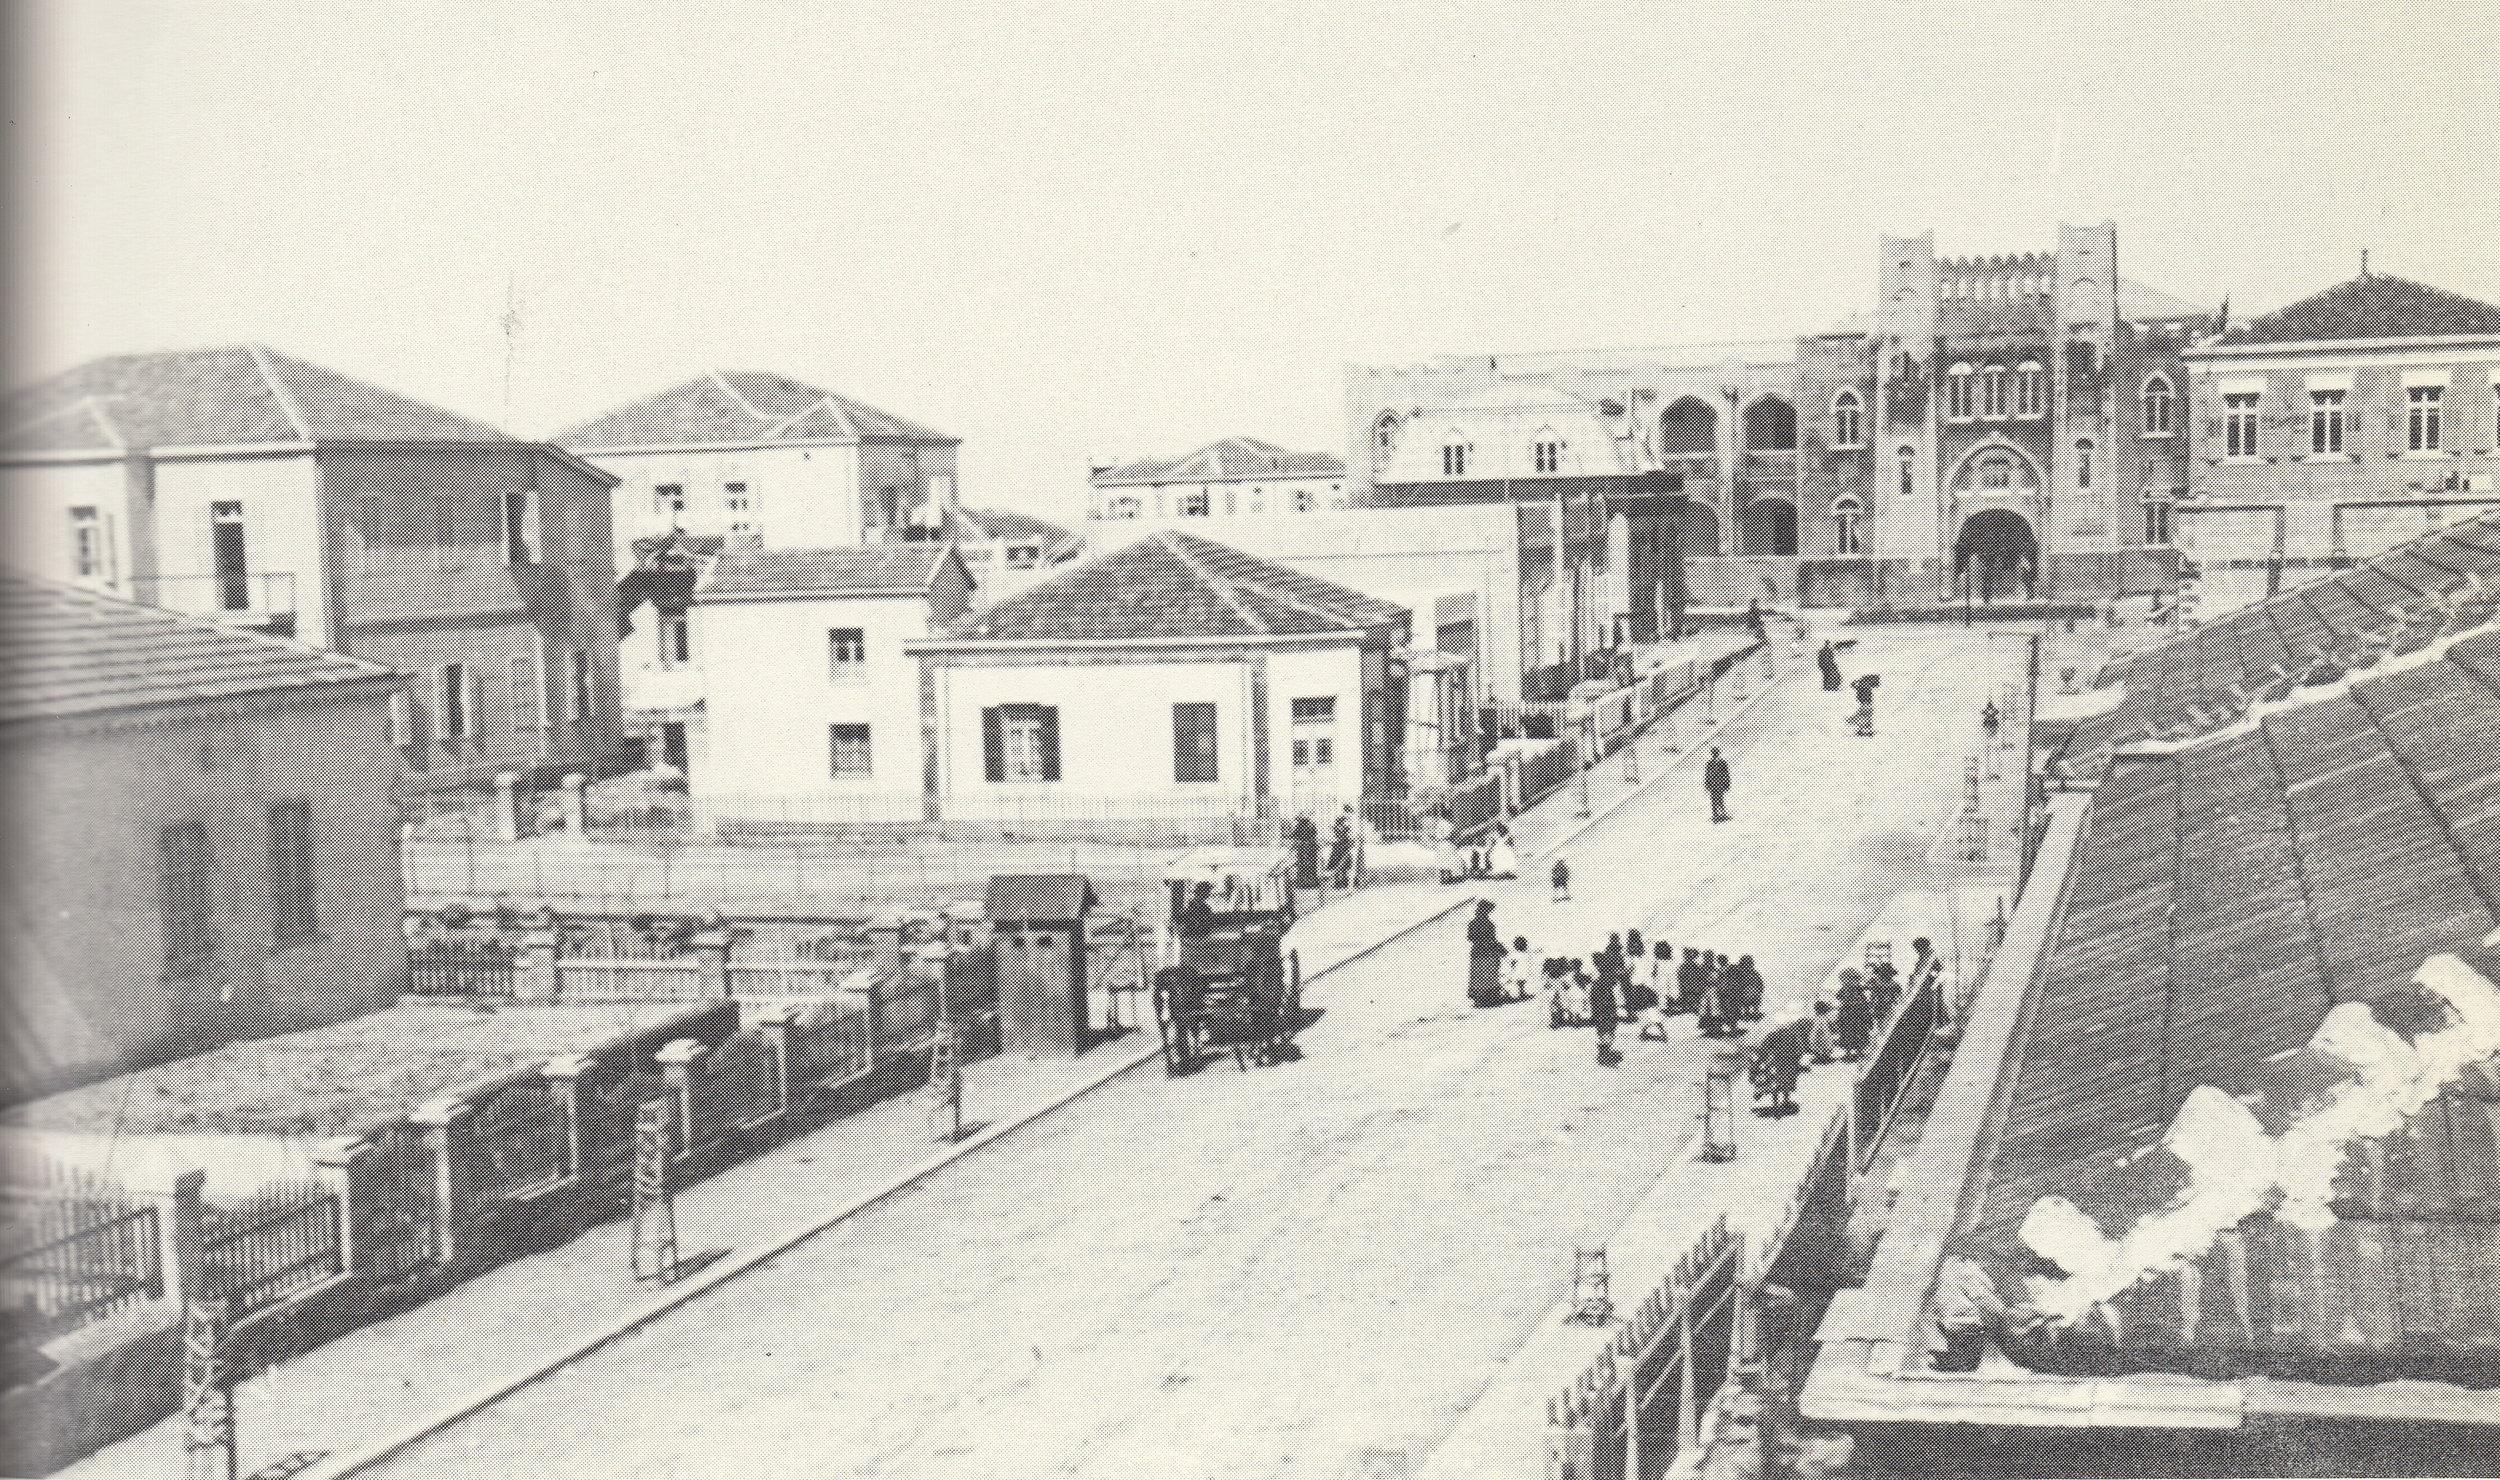 רחוב הרצל ובקצהו הגימנסיה הרצליה, 1911